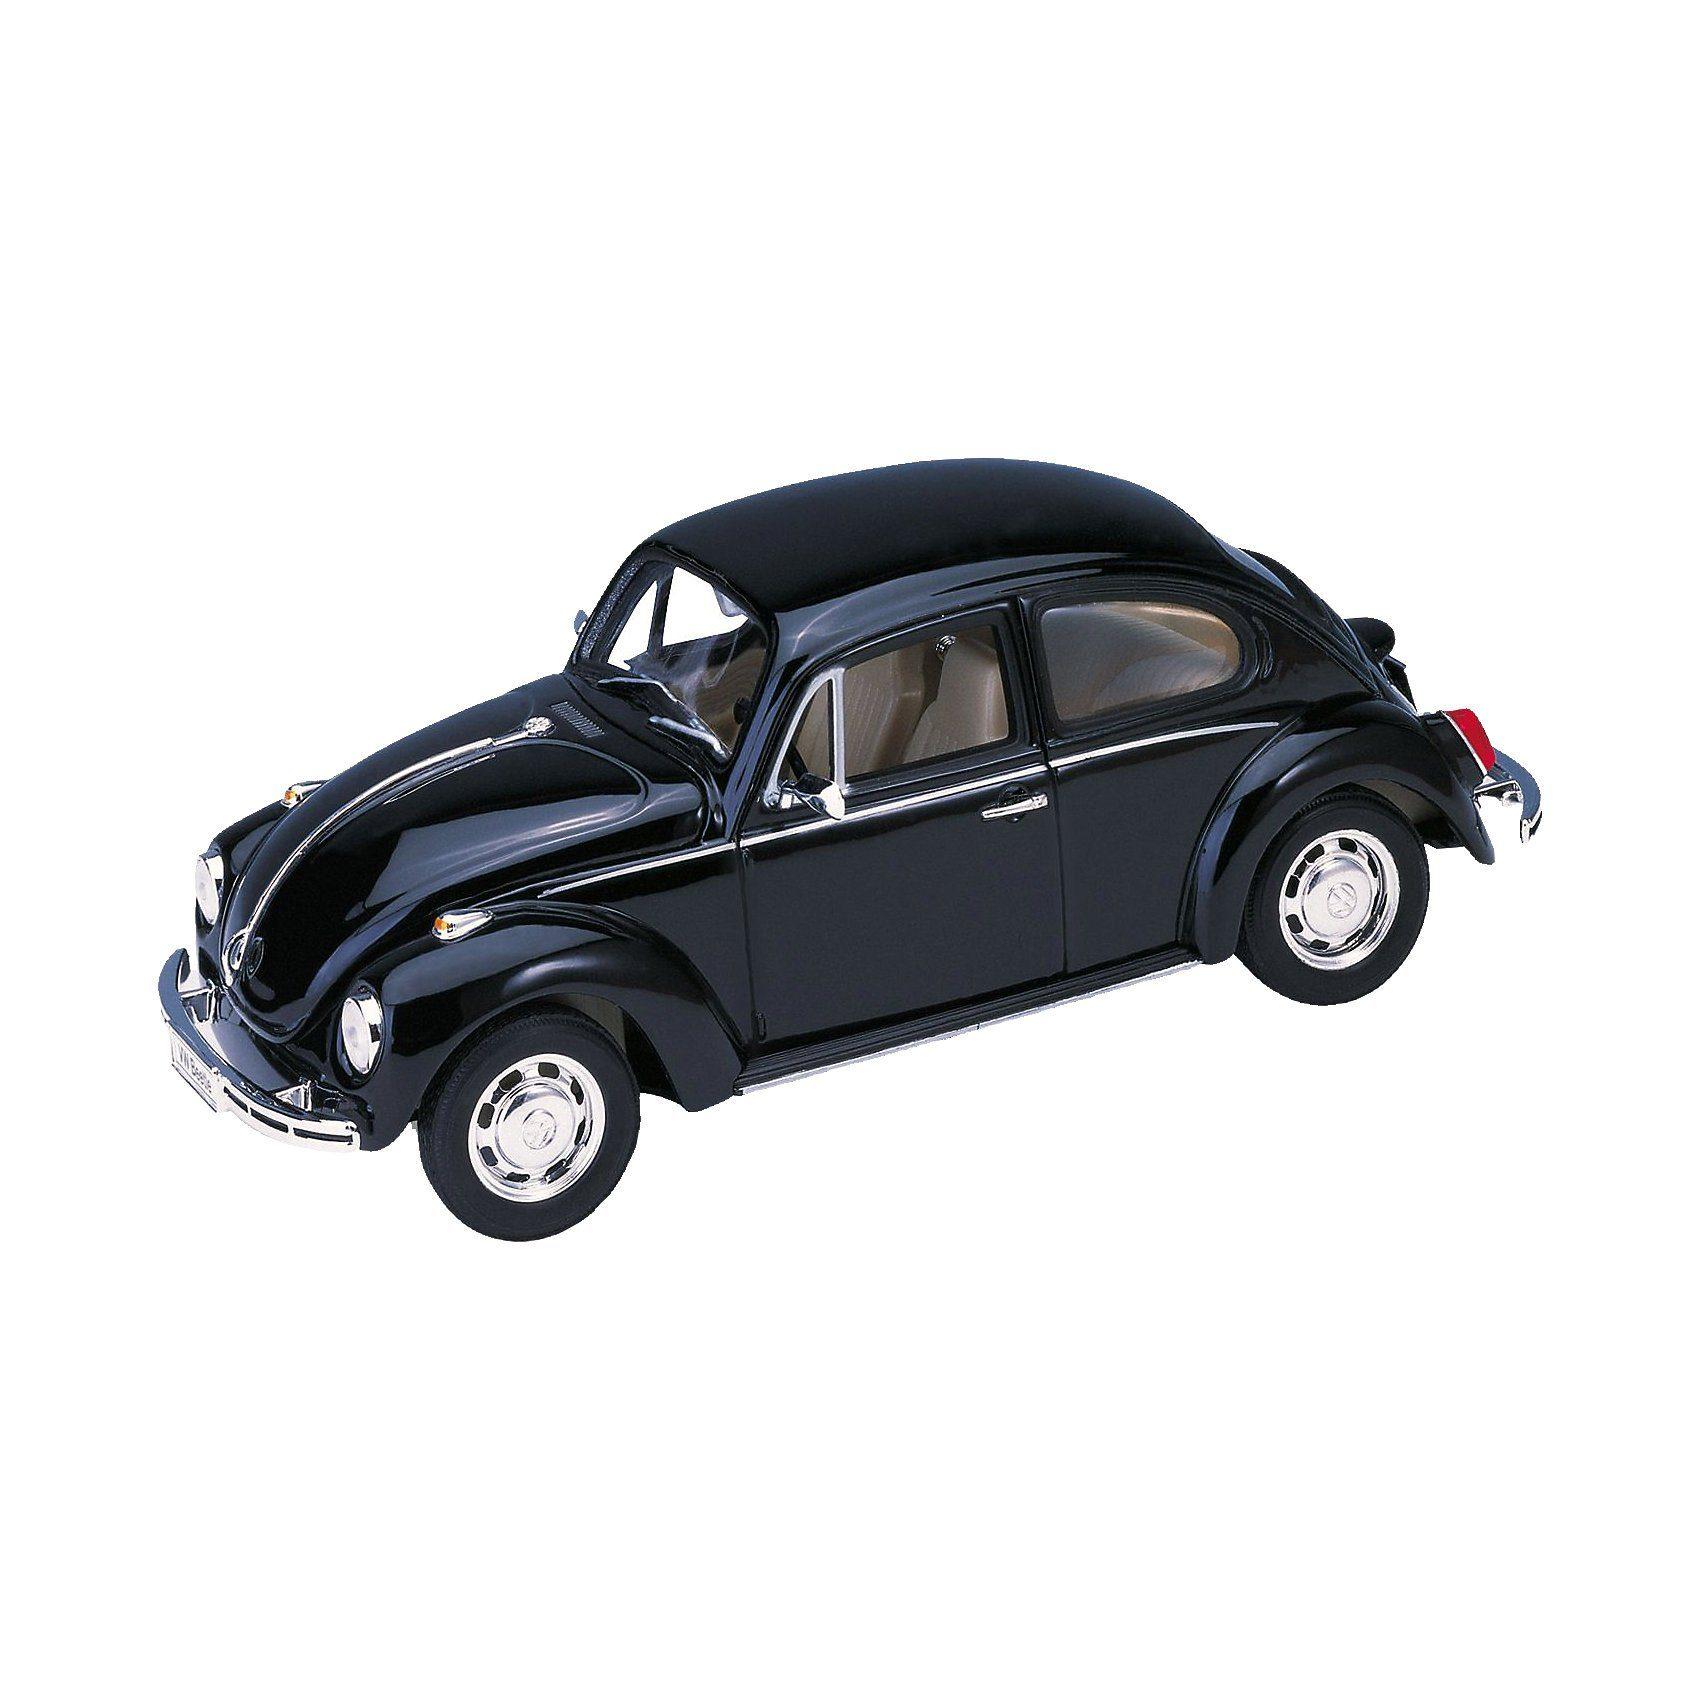 Welly Volkswagen Beetle 1:24 schwarz, Hard-Top